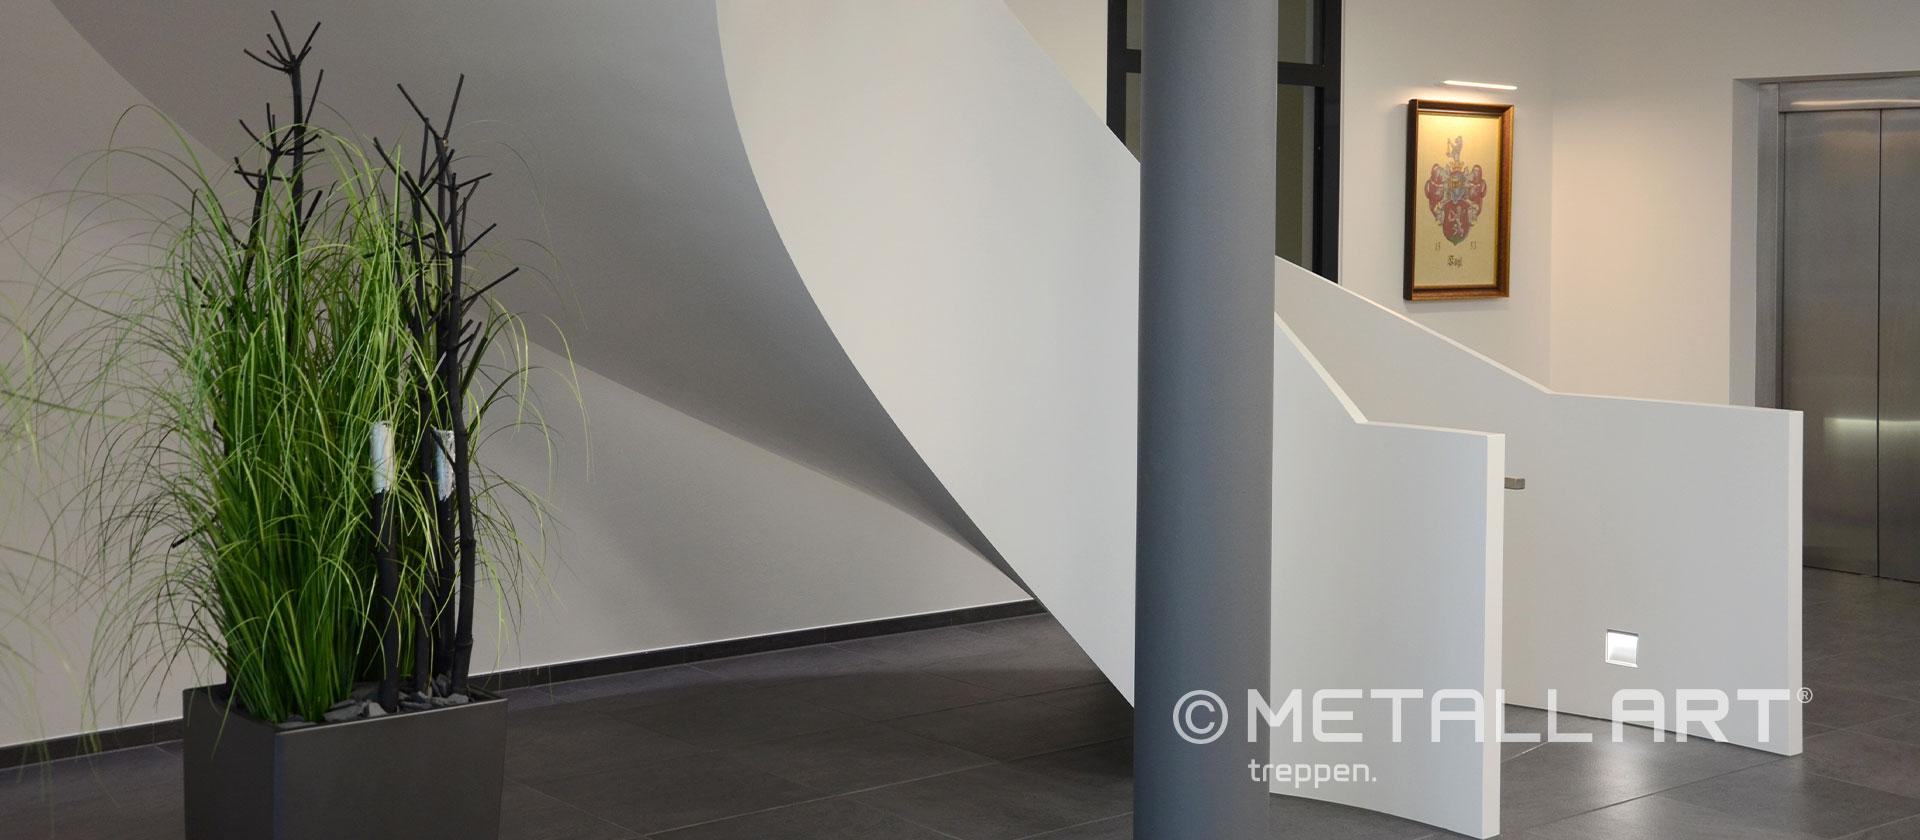 Faltwerk Treppe weiß